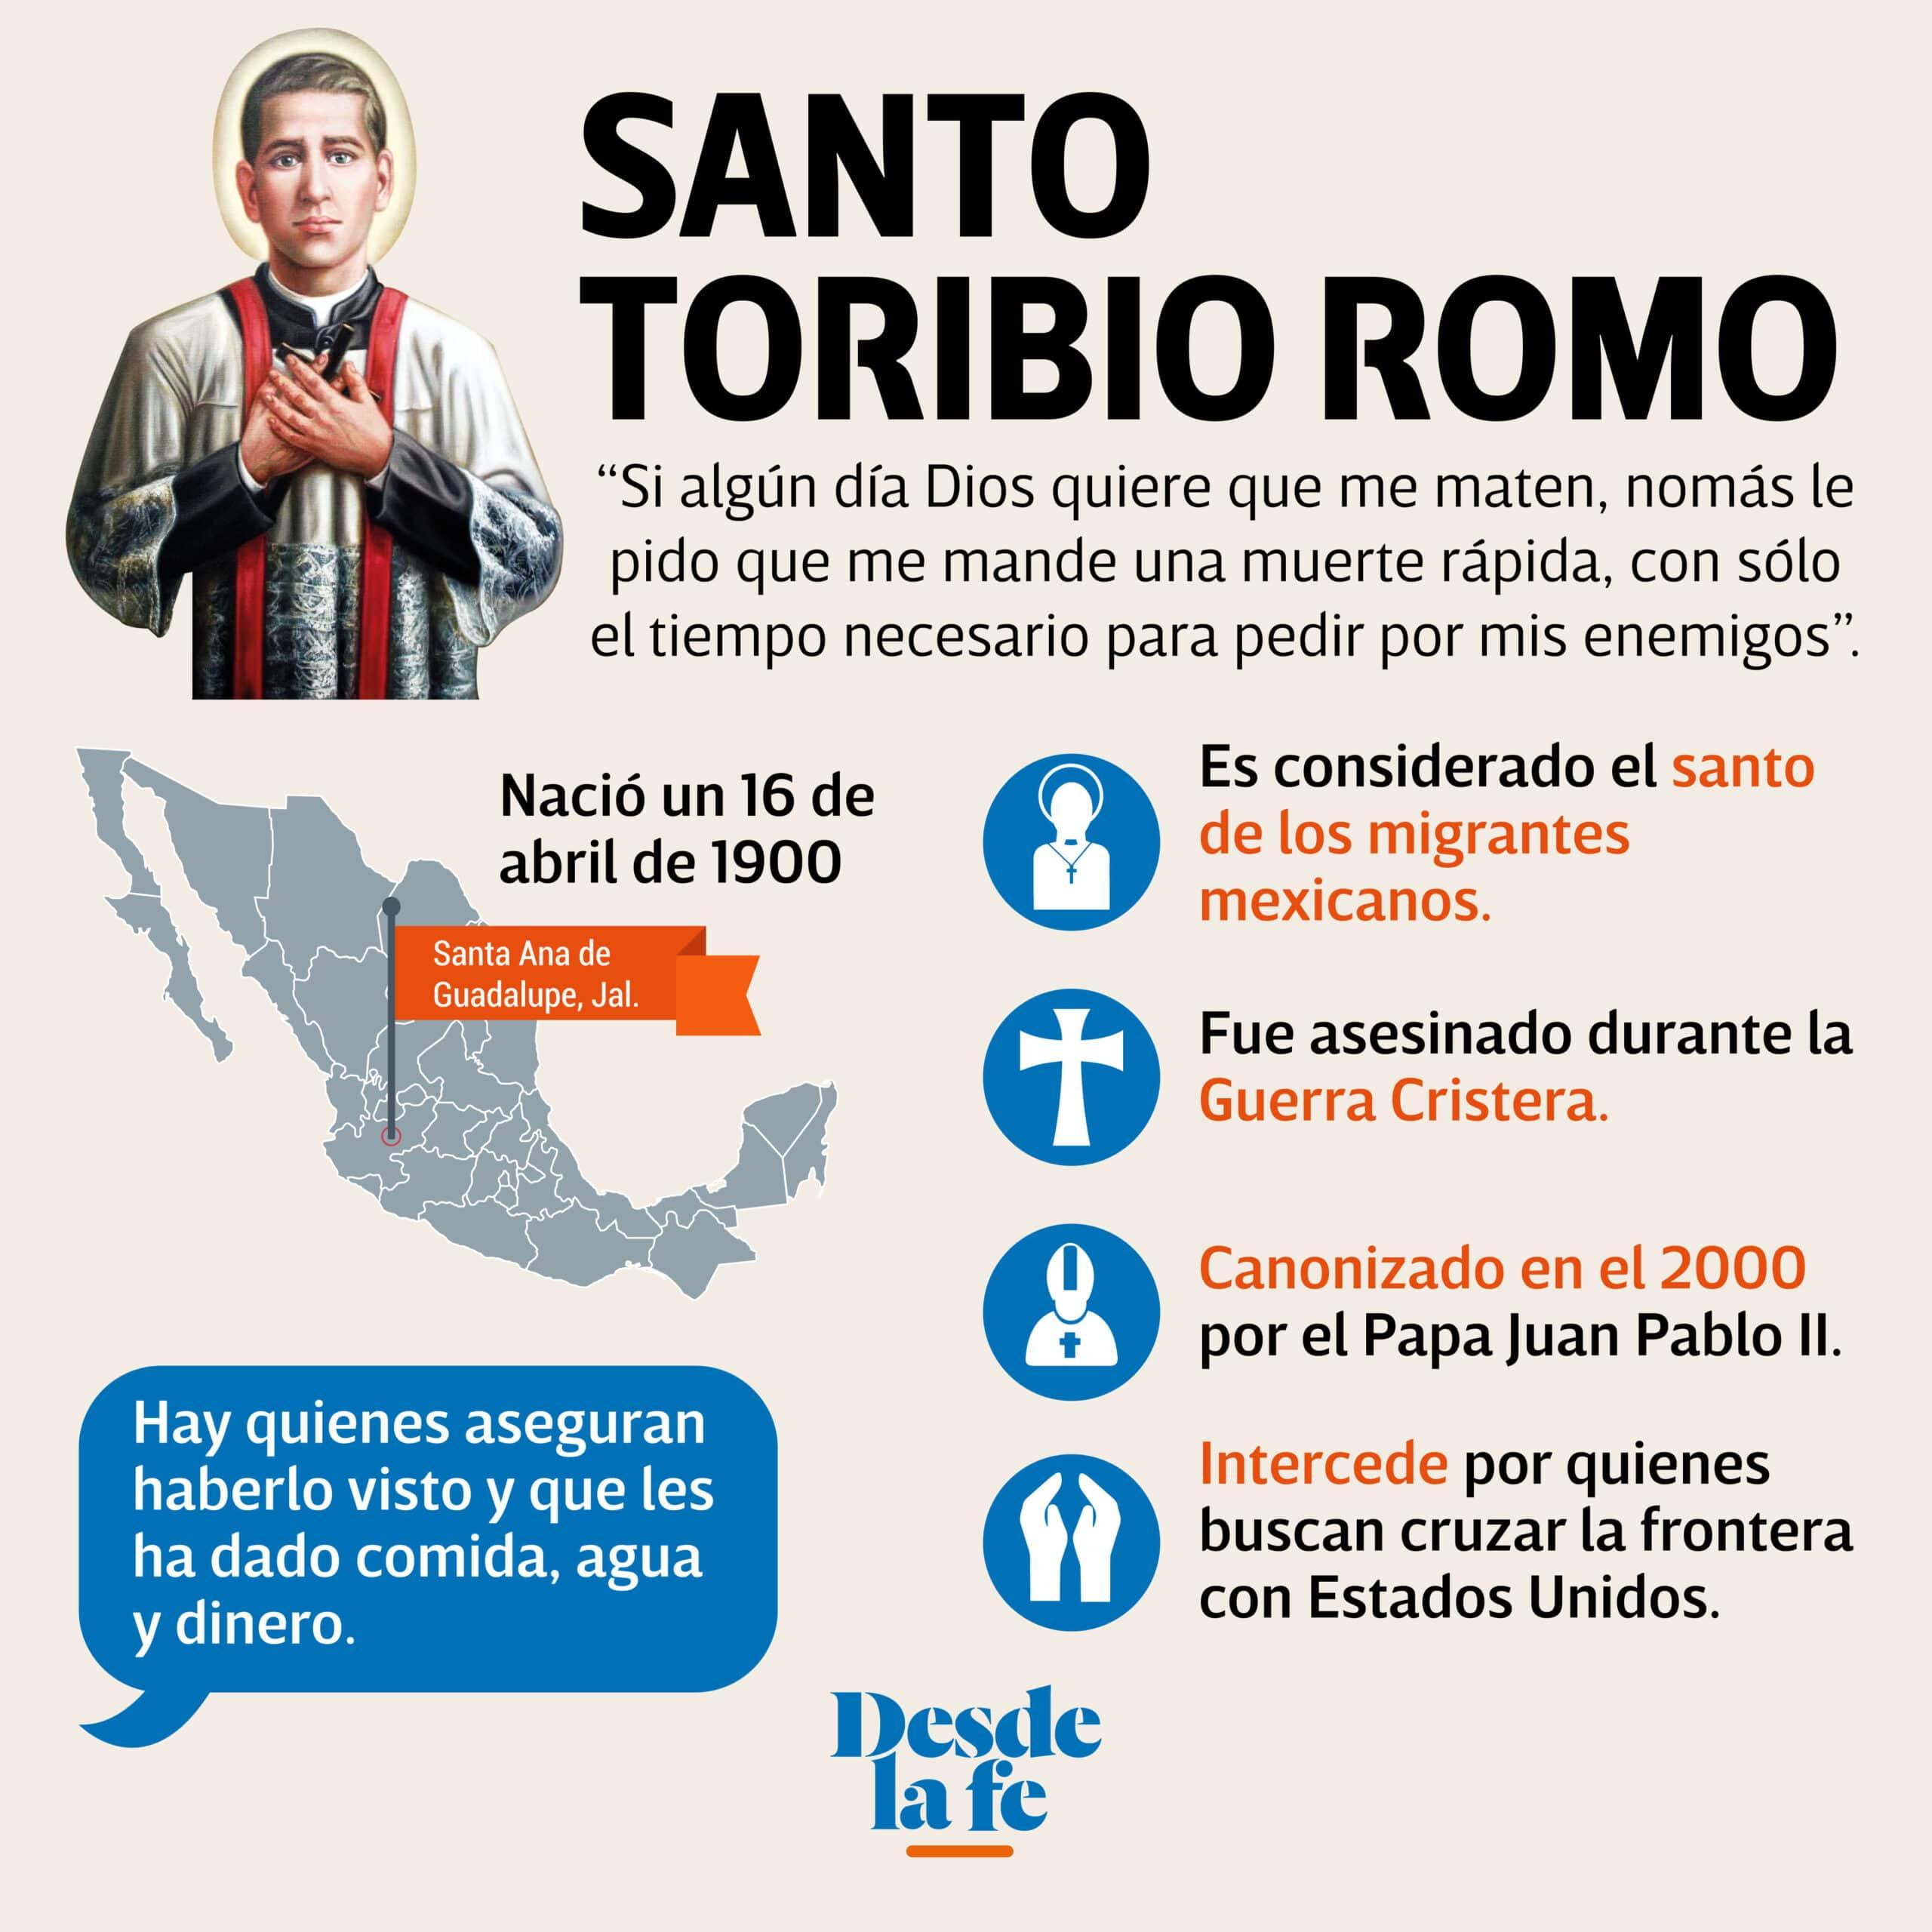 Santo Toribio Romo.